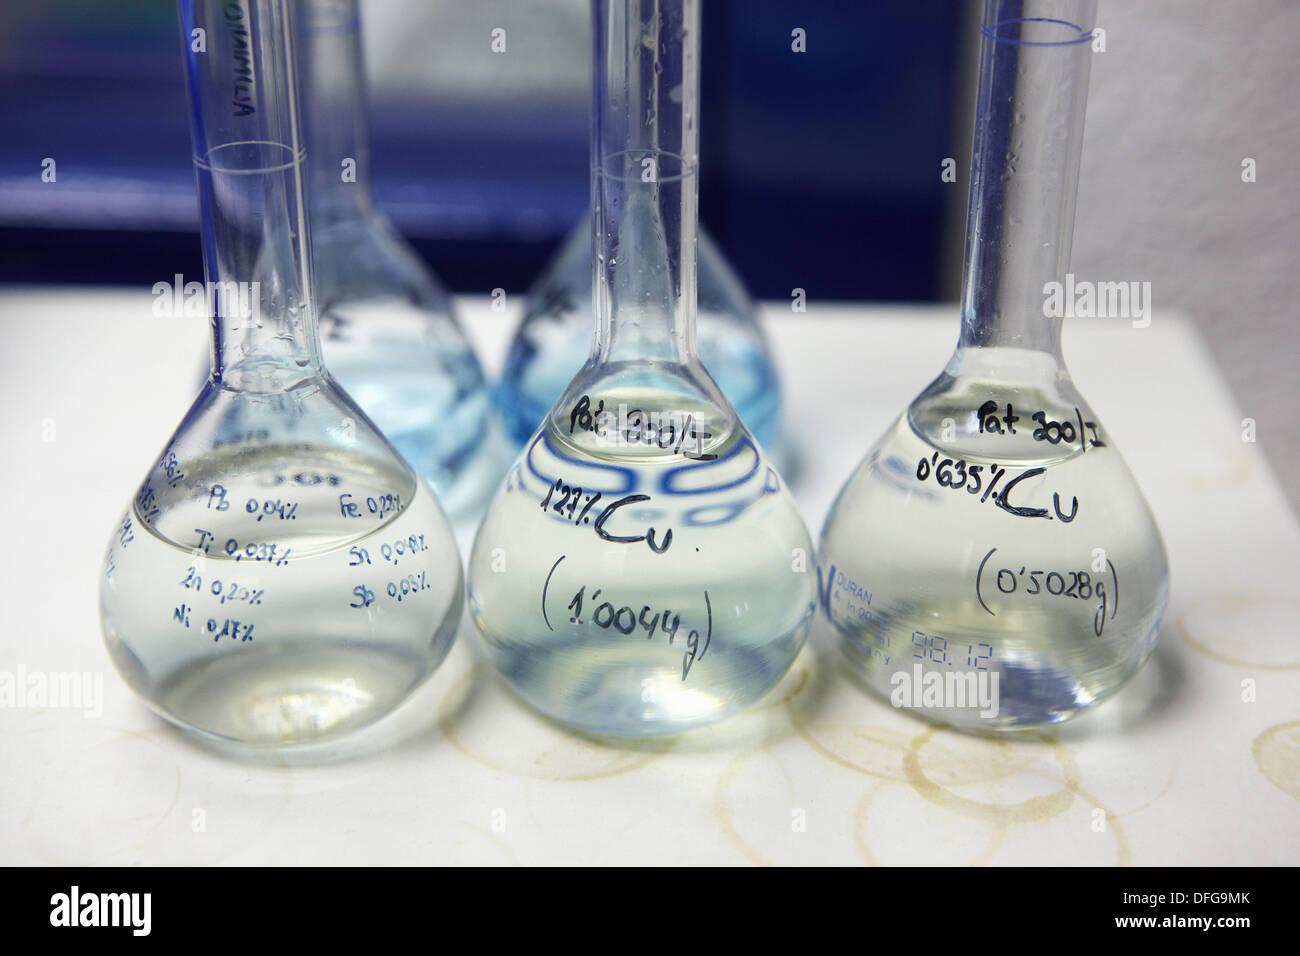 Laboratorio Químico, la investigación de materiales Imagen De Stock